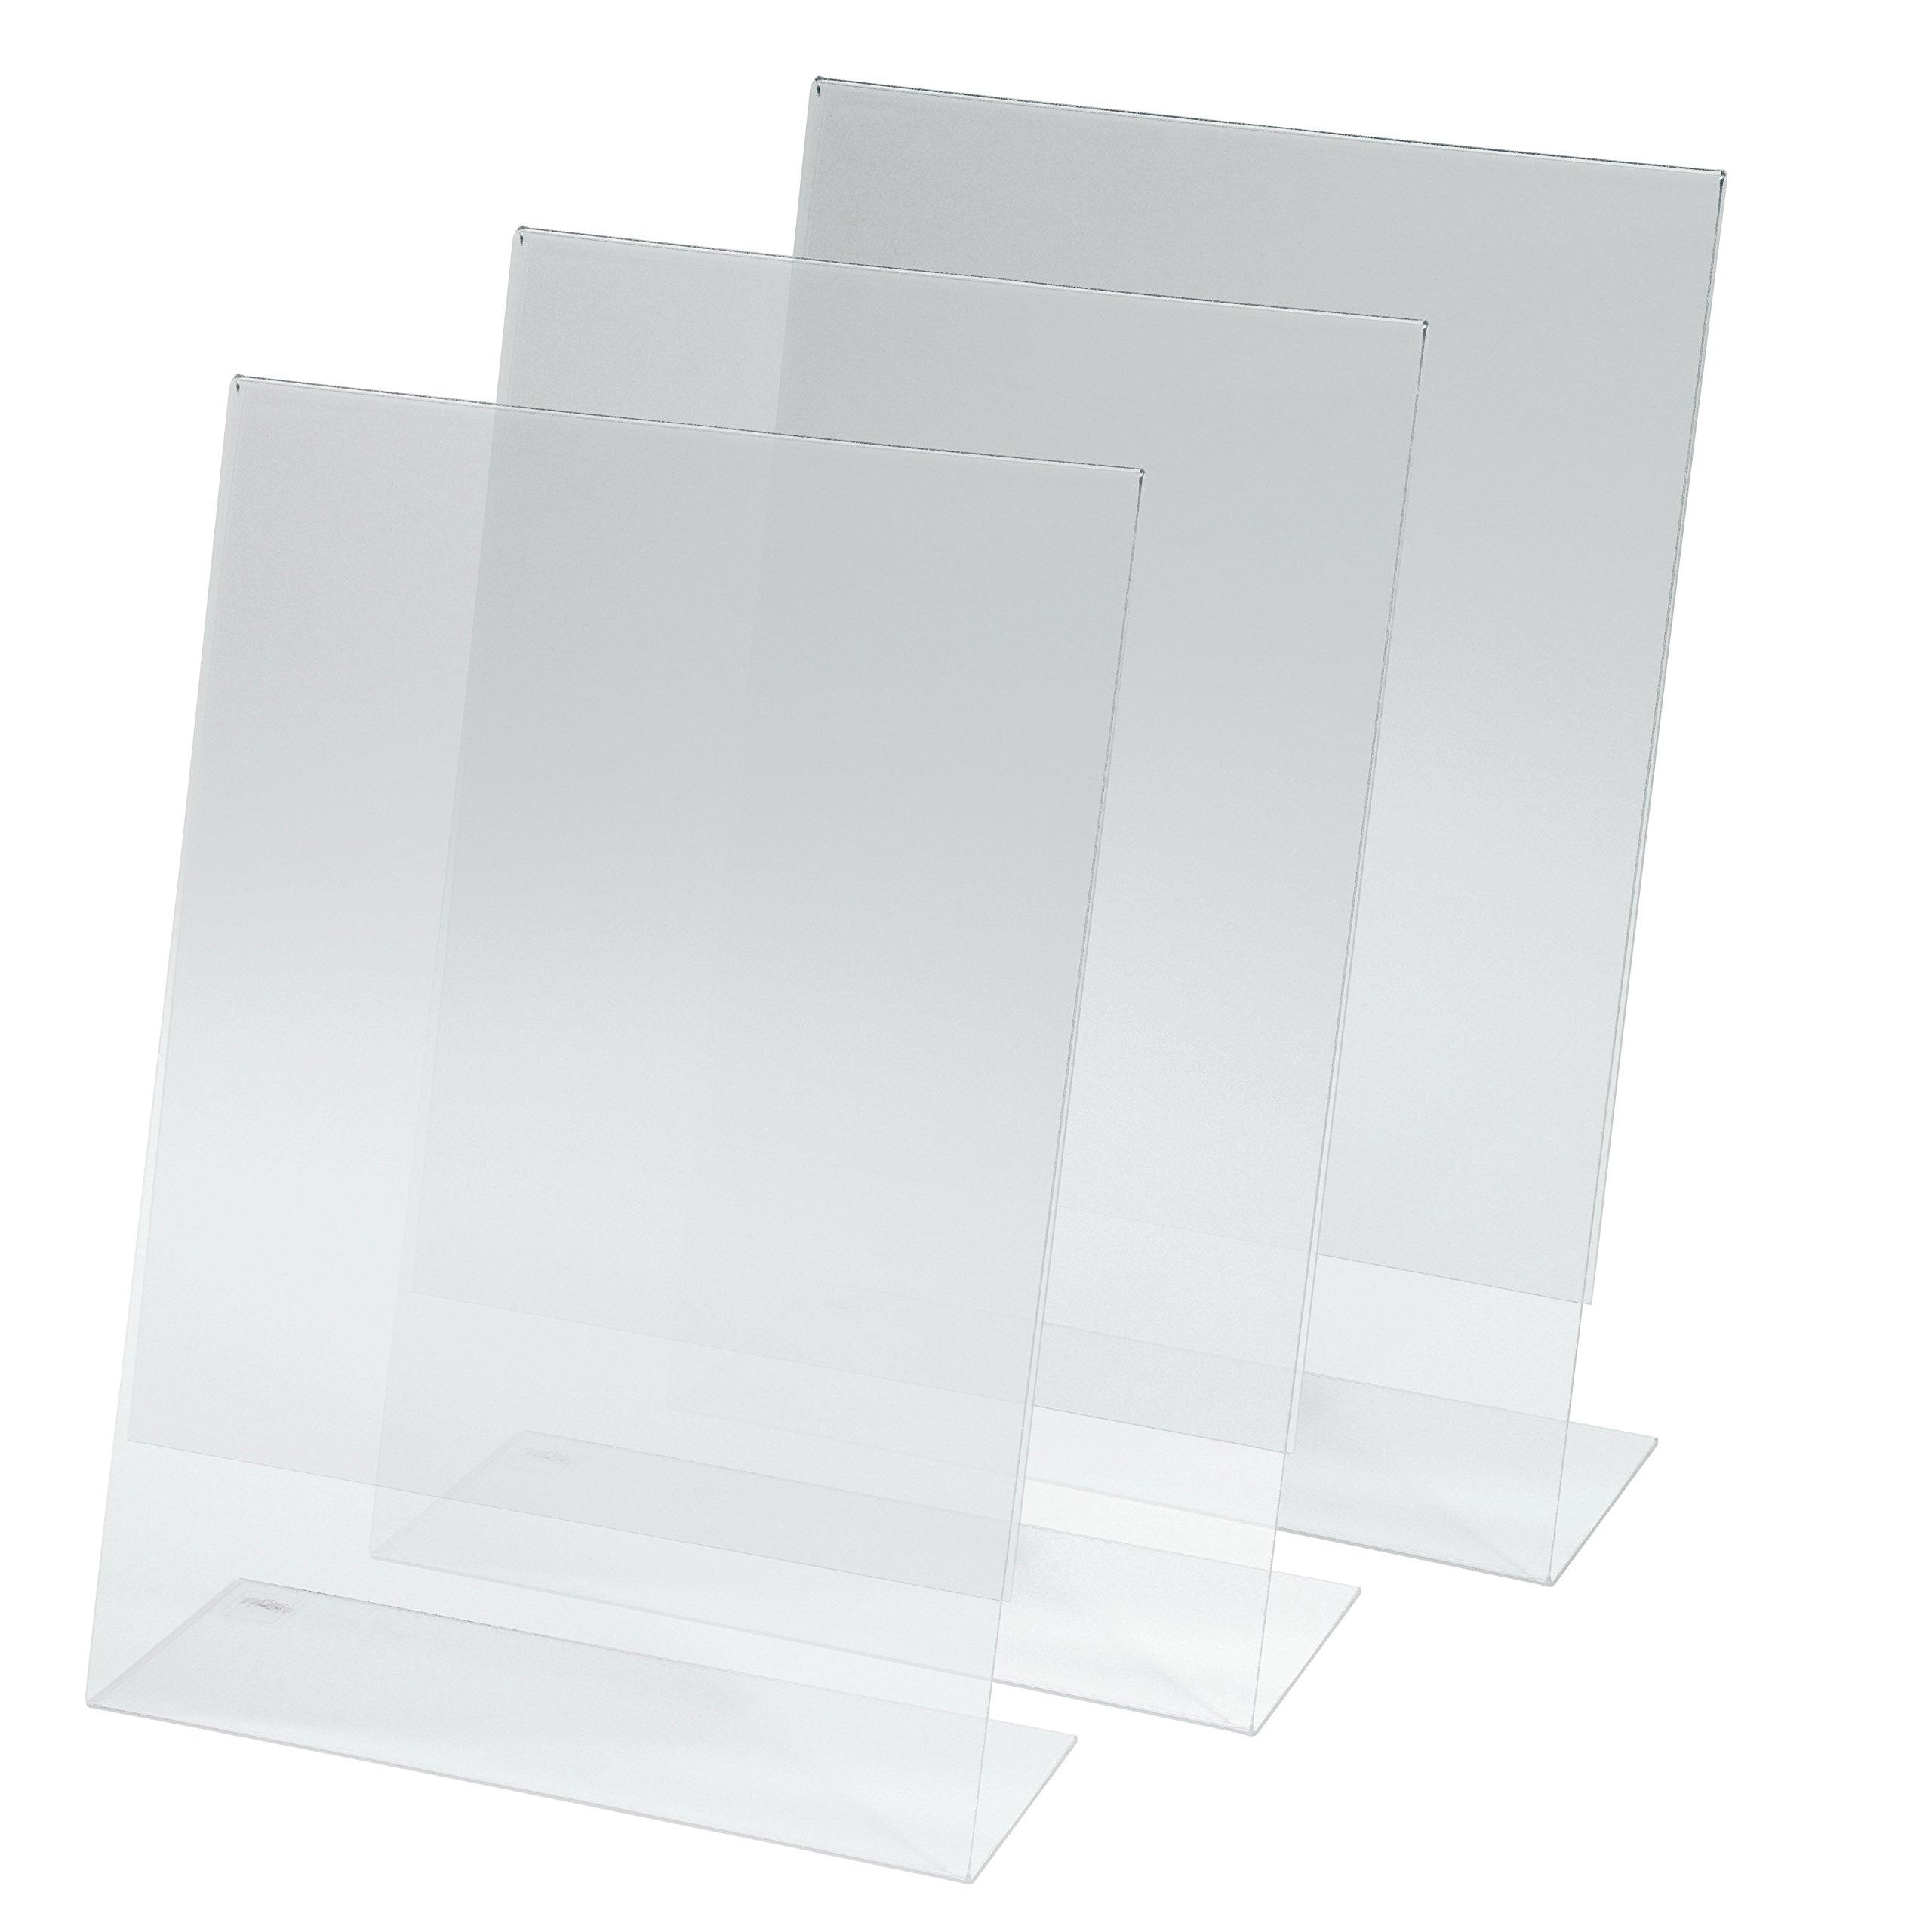 5 pz. a tettuccio Sigel TA130 Portanome da tavolo per 240x90 mm trasparente